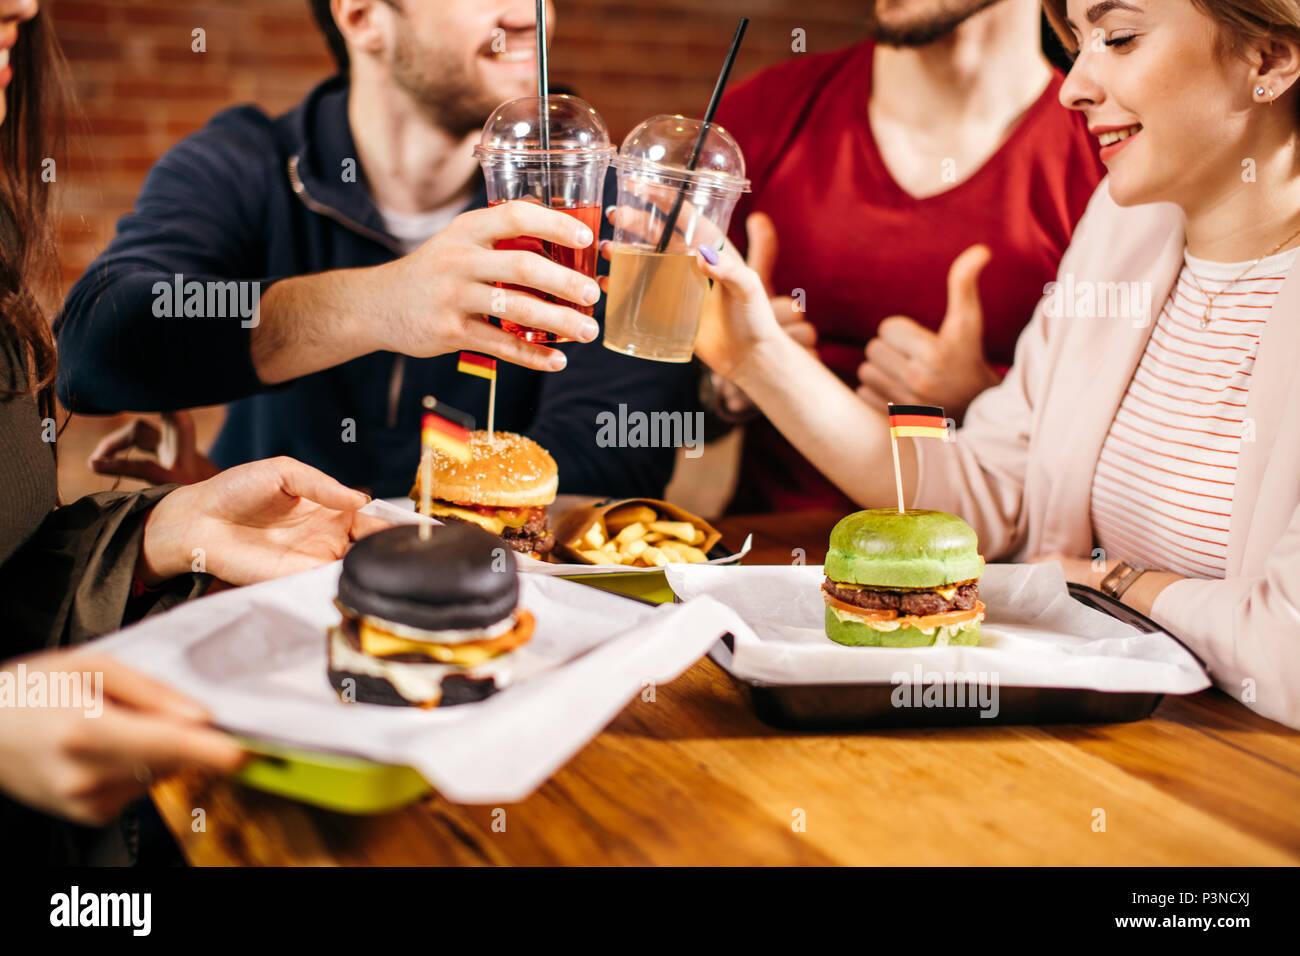 Tempo libero, celebrazione, un fast food di consumo, le persone e le vacanze concetto. Immagini Stock